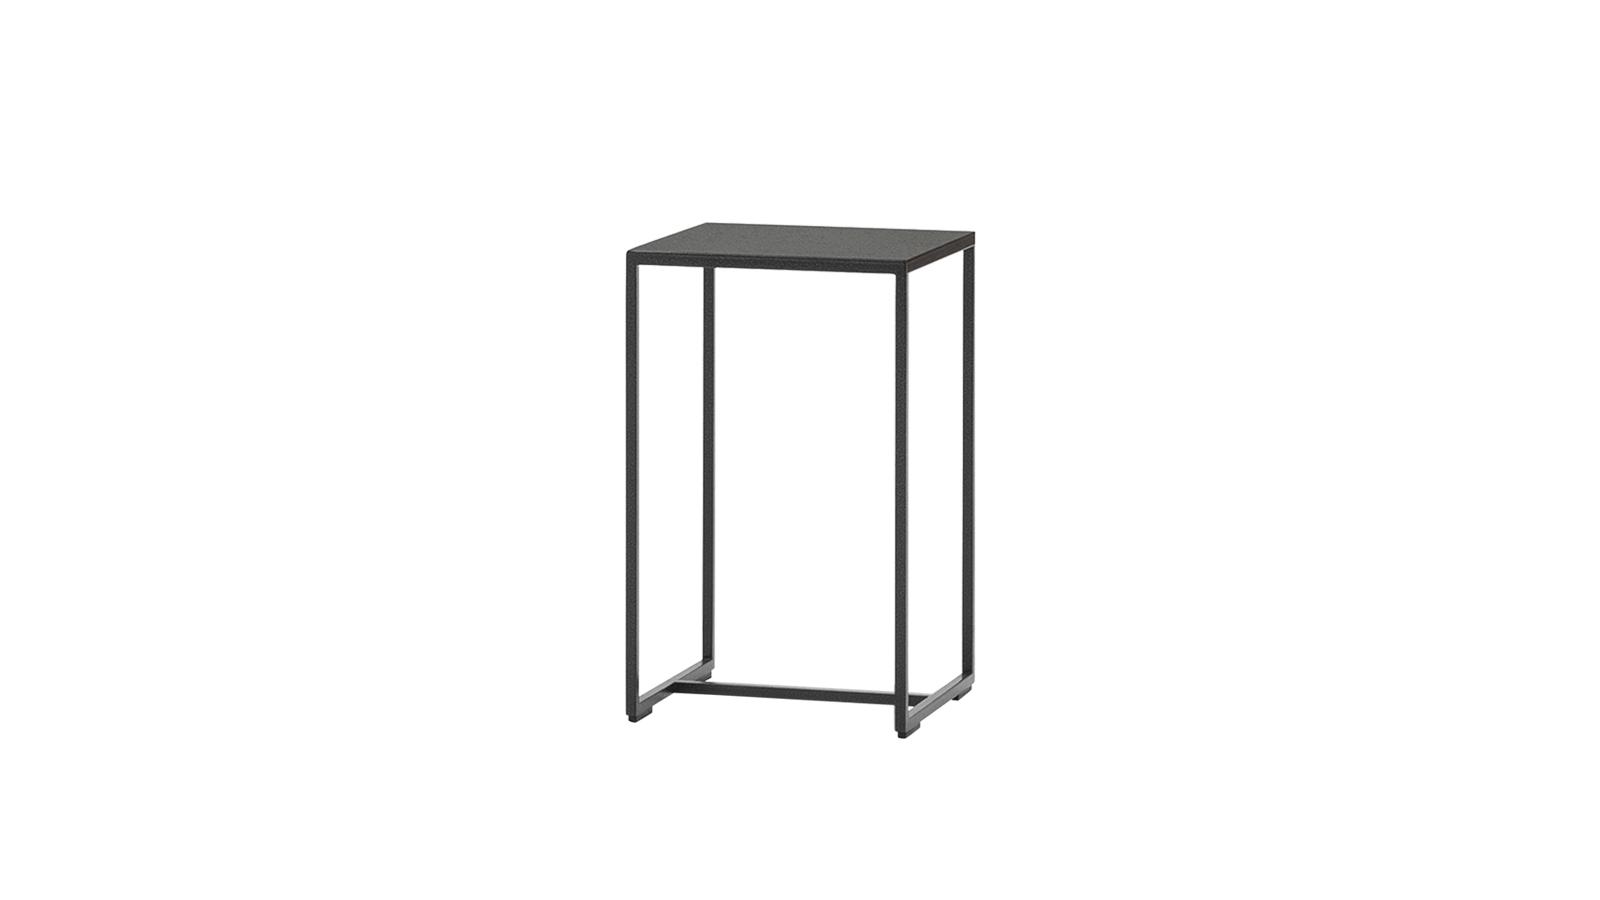 A Duchamp kültéri asztal egy korábbi Minotti-klasszikus újragondolása. Az eredetileg 1998-ban bemutatott beltéri változat ugyanezt a lineáris, rendkívül letisztult formavilágot képviselte, de az új modell már négy méretben és egyedi, kültéri felületkezeléssel is elérhető, így jóval nagyobb rugalmasságot enged meg felhasználójának.